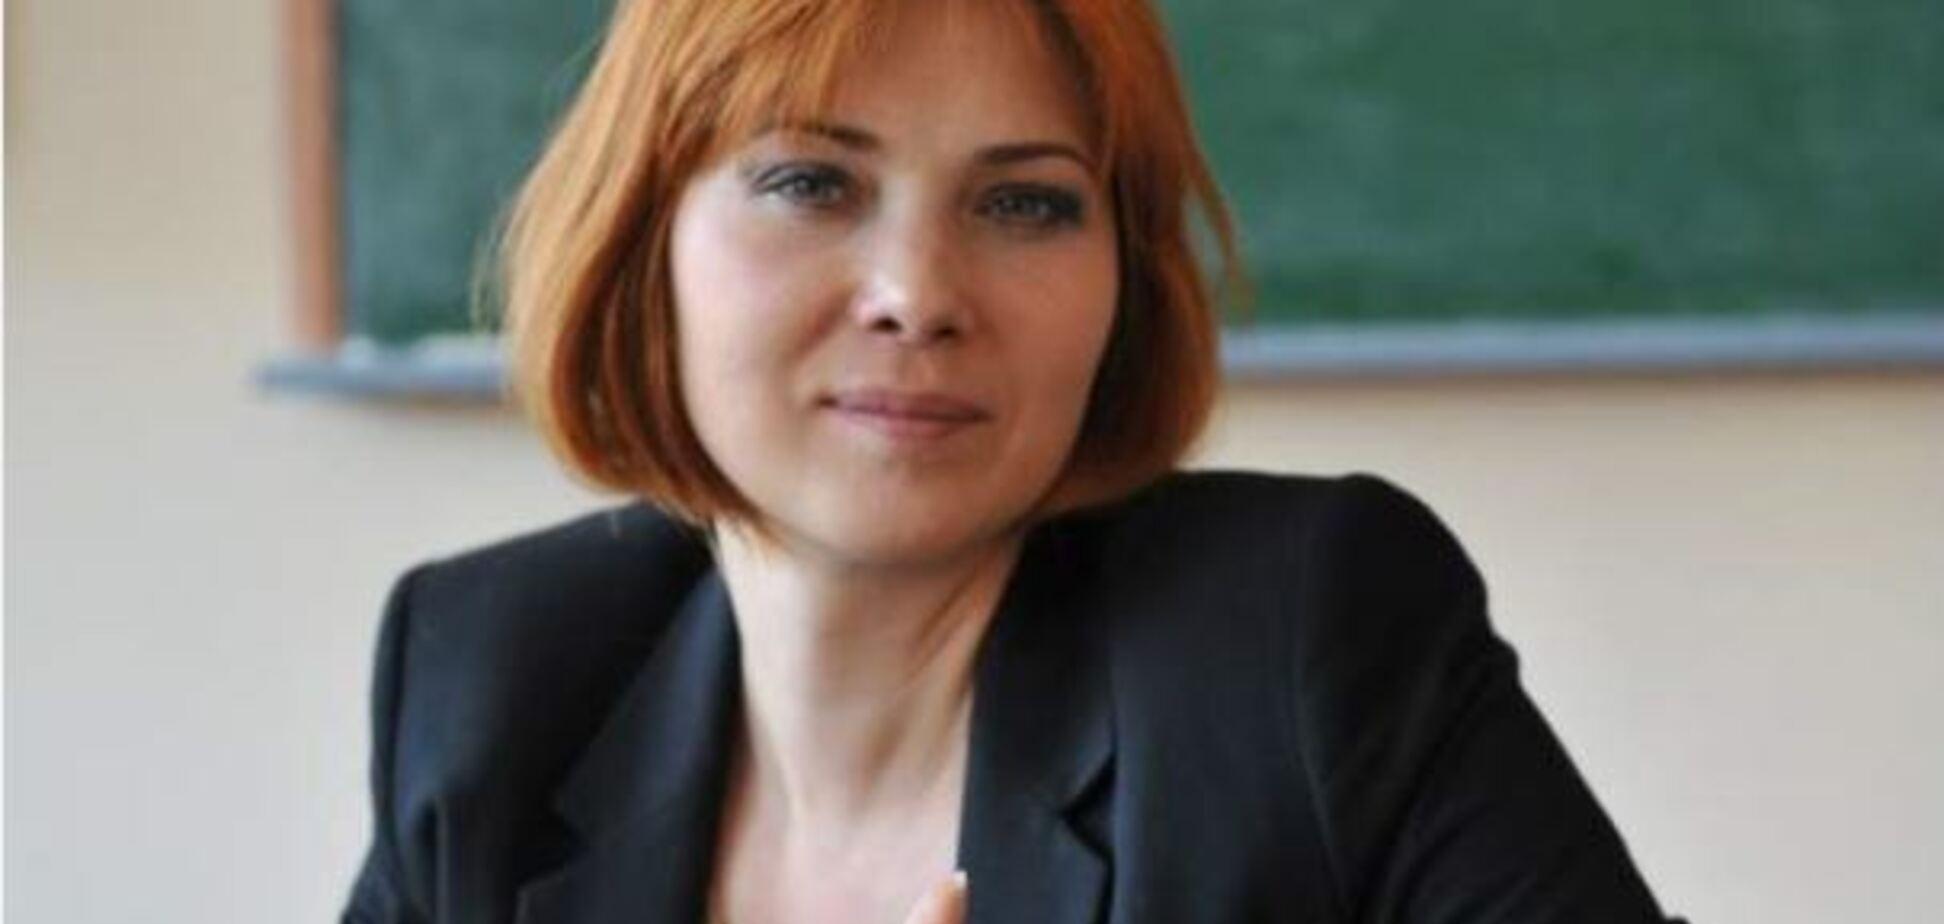 Боролася проти України: в Харкові розгорівся скандал через викладачку-сепаратистку